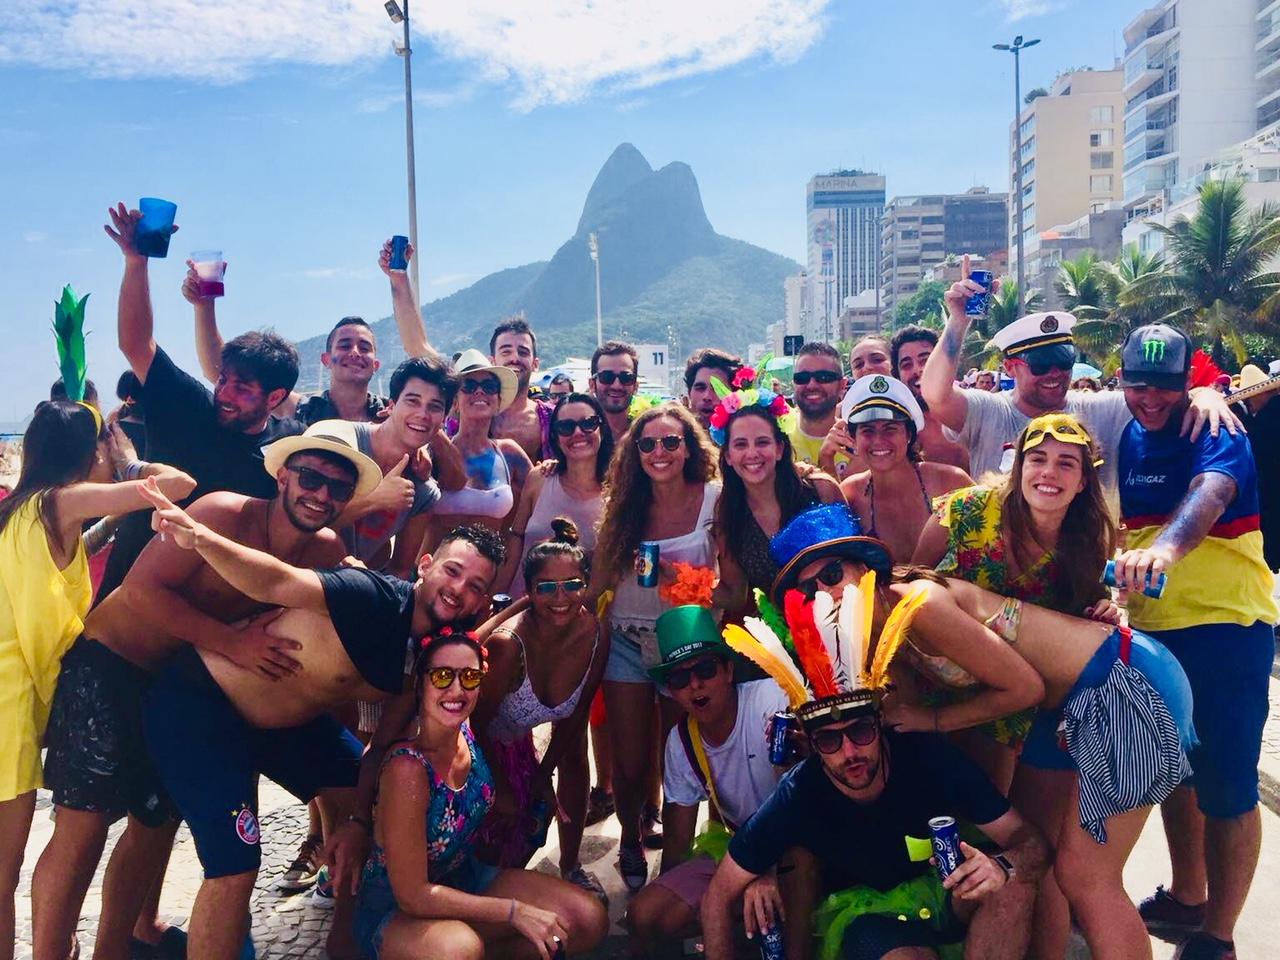 De fiesta en un Bloco de carnaval en Rio de Janeiro, una de las mejores cosas que hacer en Rio de Janeiro